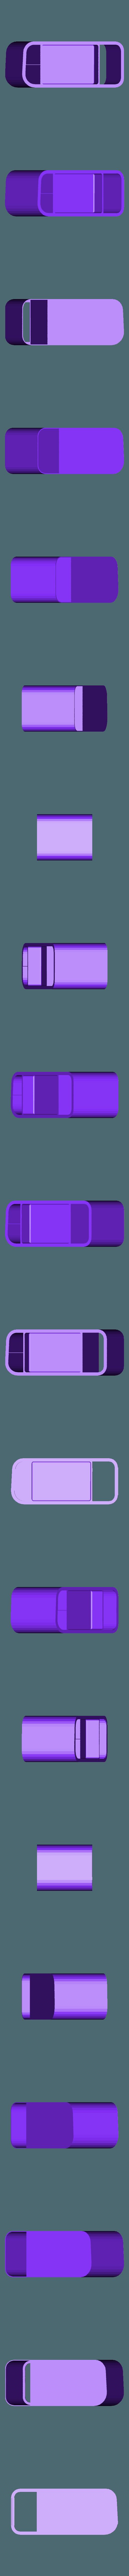 contenedor grande.stl Télécharger fichier STL organisateur de cuisine • Objet pour imprimante 3D, gairos